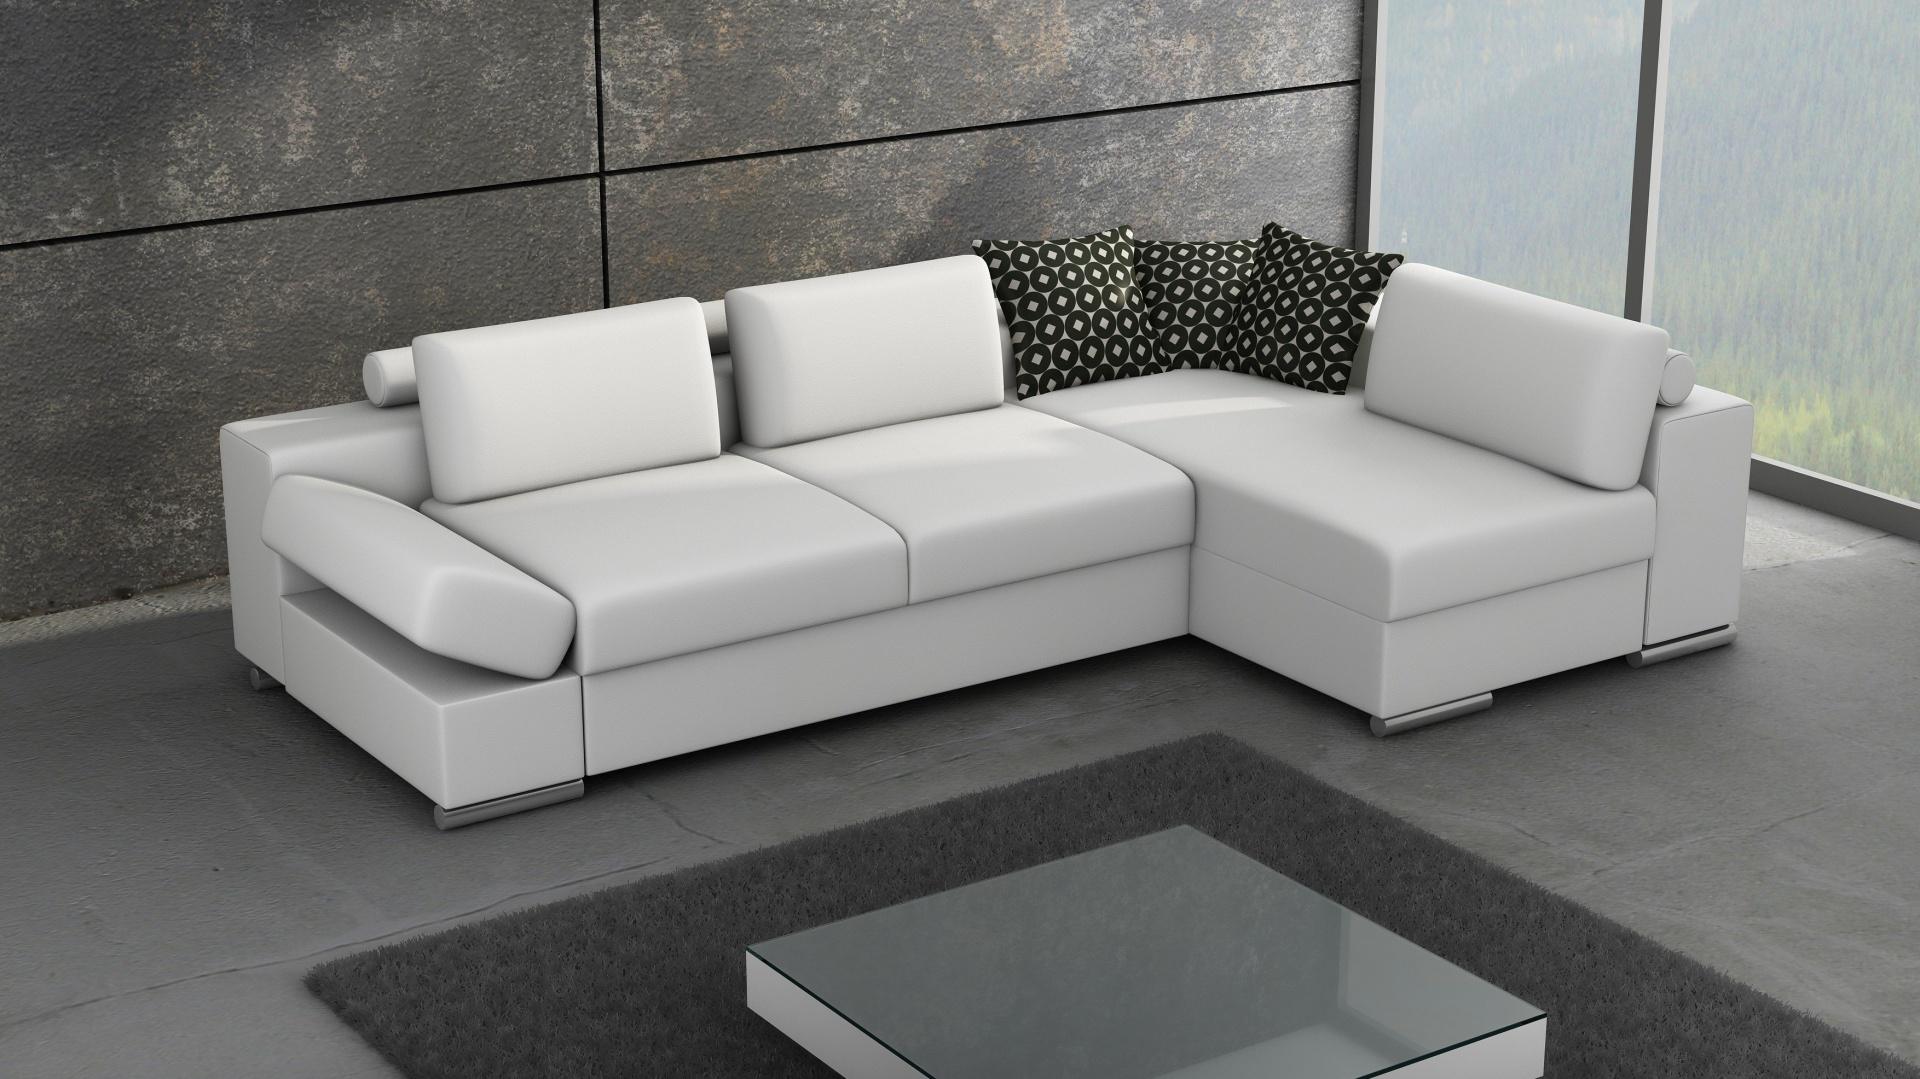 Narożnik Castello Lux marki Caya Design jest synonimem nowoczesnego wzornictwa połączonego z funkcjonalnością. Wysoki komfort siedziska zapewnia system sprężyn i wysokoelastycznych pianek HR oraz wzmocnienia z elastycznych pasów. Oparcie mebla, w formie poduszek może być wypełnione albo bardzo miękkim wsadem z silikonu albo gęsim pierzem. Występuje jako: narożnik L i P, sofa 3 i 2-osobowa, fotel i pufa. Fot. Caya Design.